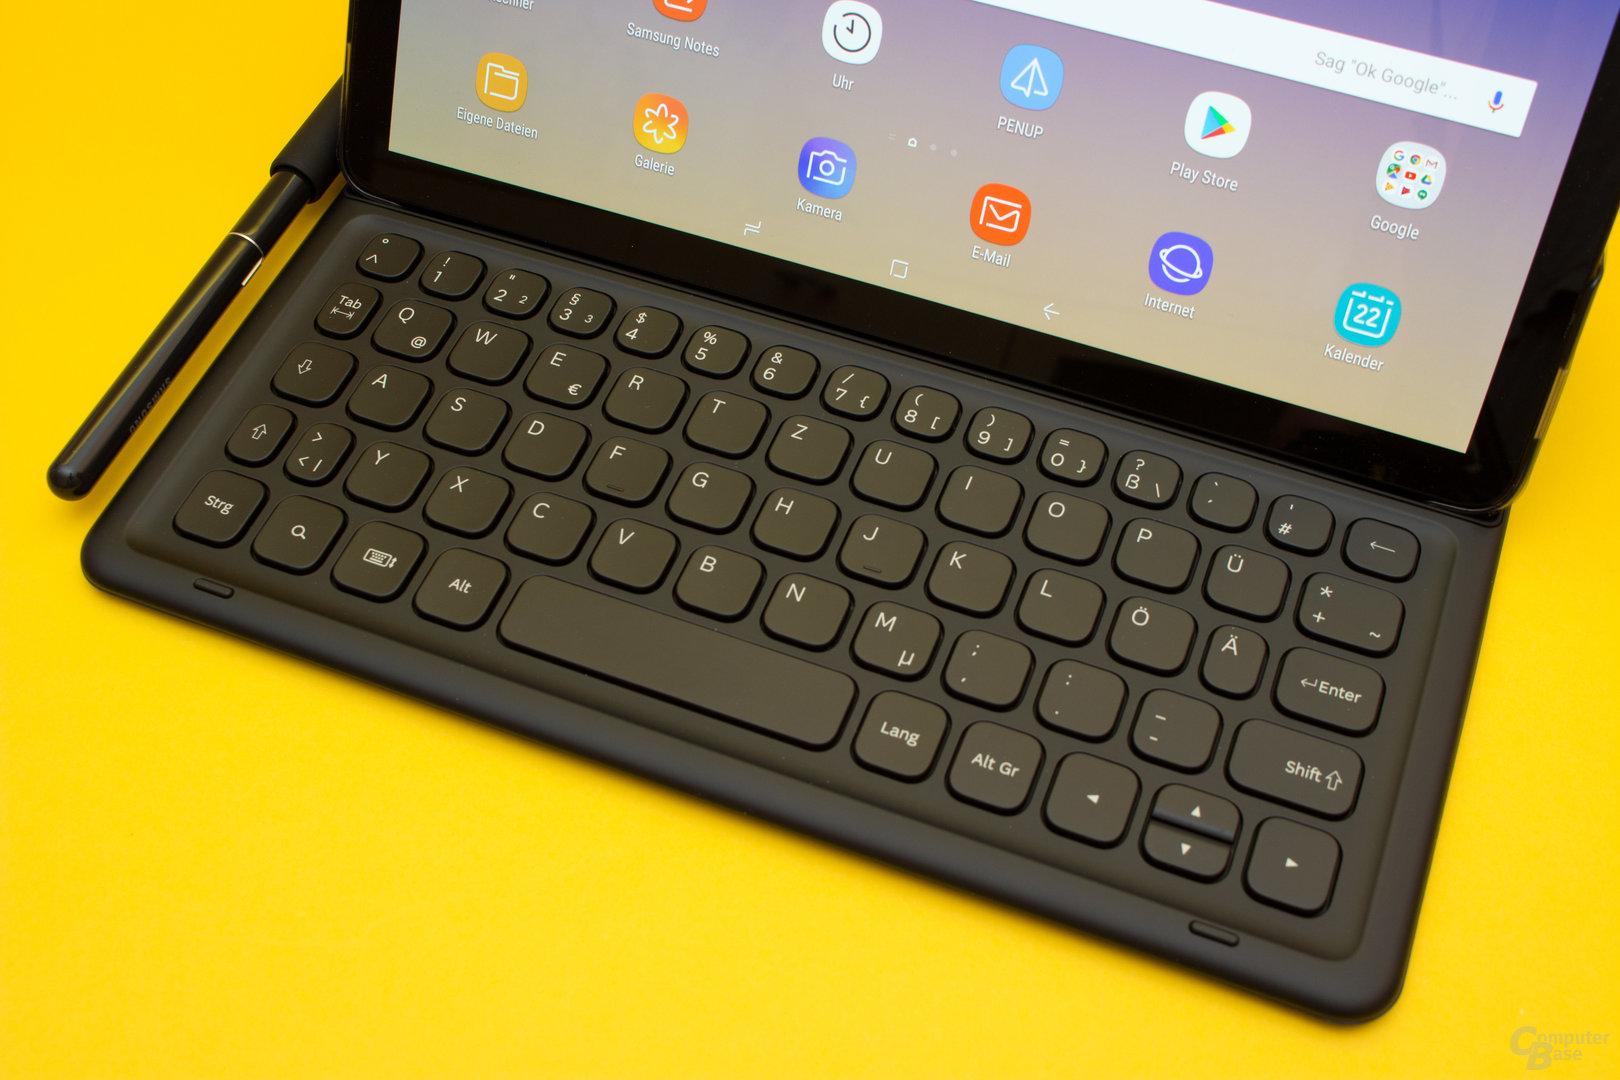 Das Galaxy Tab S4 verfügt über eine solide Tastatur, welche aber nur für gelegentliche Einsätze ausreicht